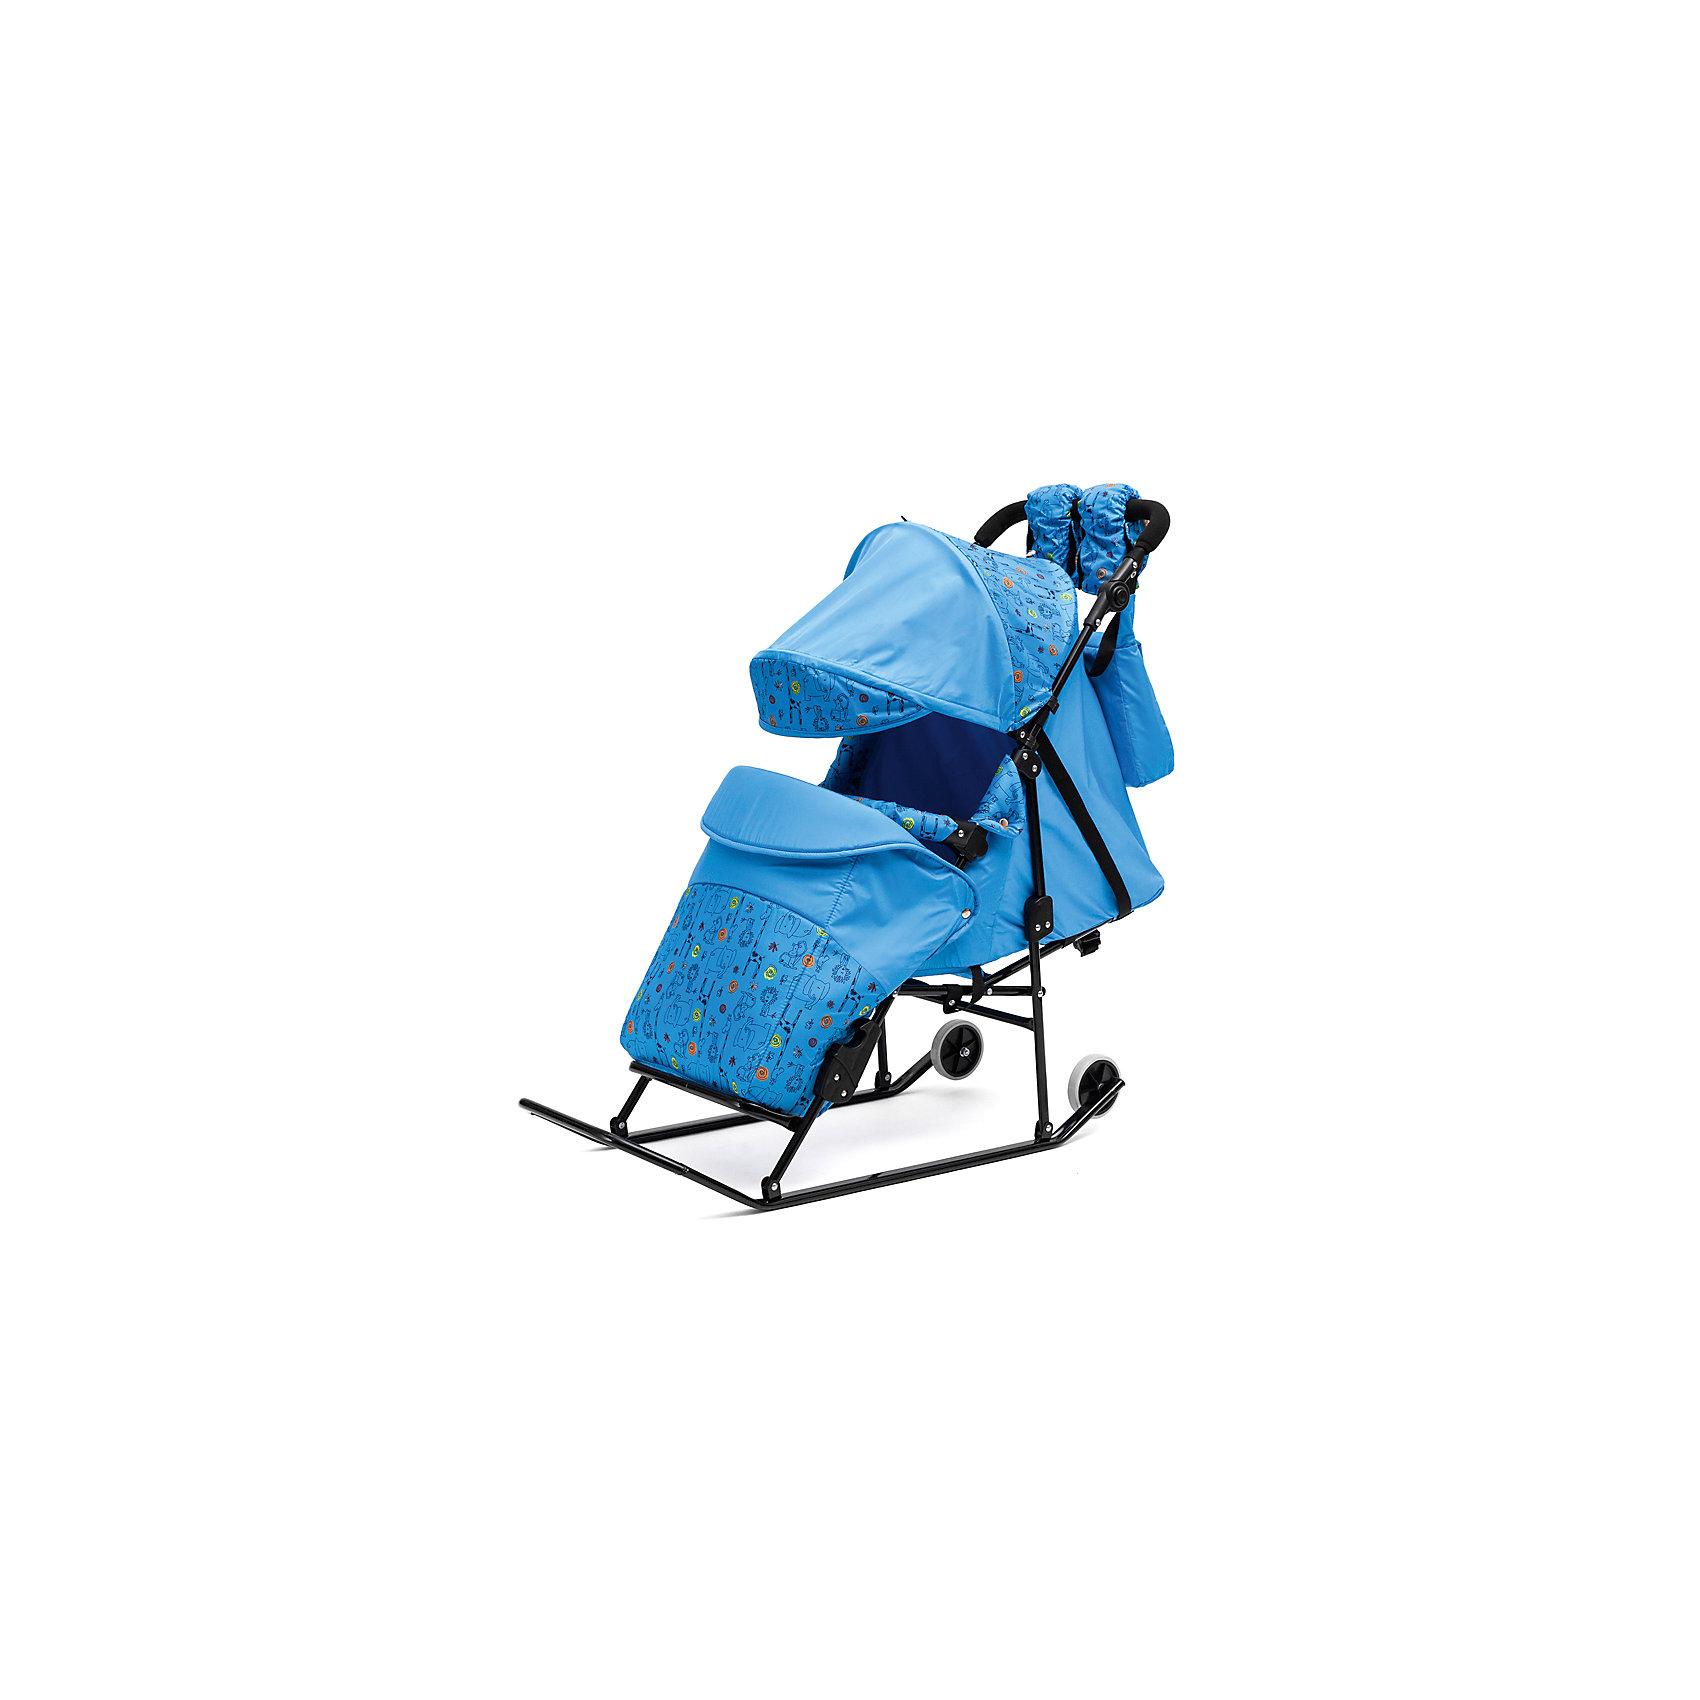 Санки-коляска ABC Academy Зимняя сказка 3В Авто, черная рама, голубой/зоопаркС колесиками<br><br><br>Ширина мм: 1200<br>Глубина мм: 466<br>Высота мм: 260<br>Вес г: 10000<br>Возраст от месяцев: 12<br>Возраст до месяцев: 48<br>Пол: Унисекс<br>Возраст: Детский<br>SKU: 5203341